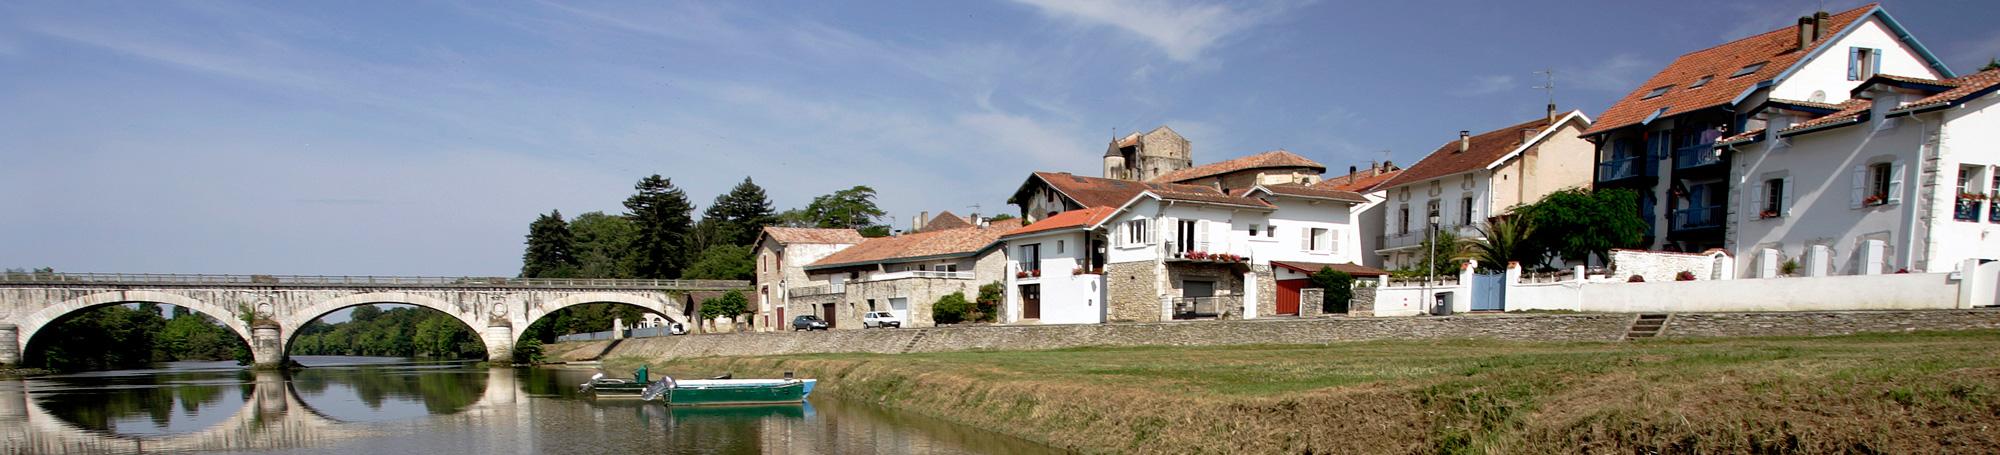 Photographe Immobilier Aquitaine, Landes, Pays Basque et Béarn 3